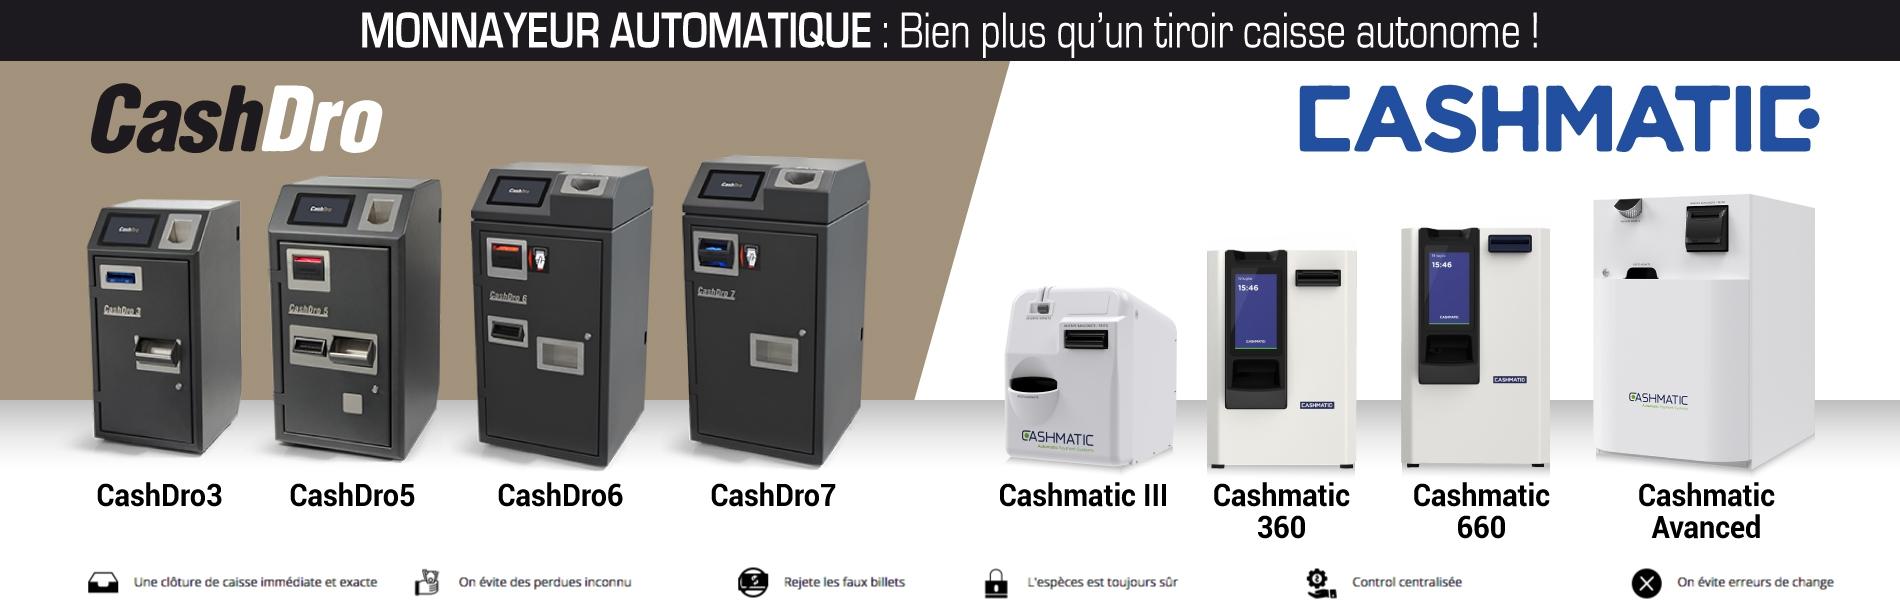 monnayeurs automatiques CashDro et CashMatic sur www.point2vente.com